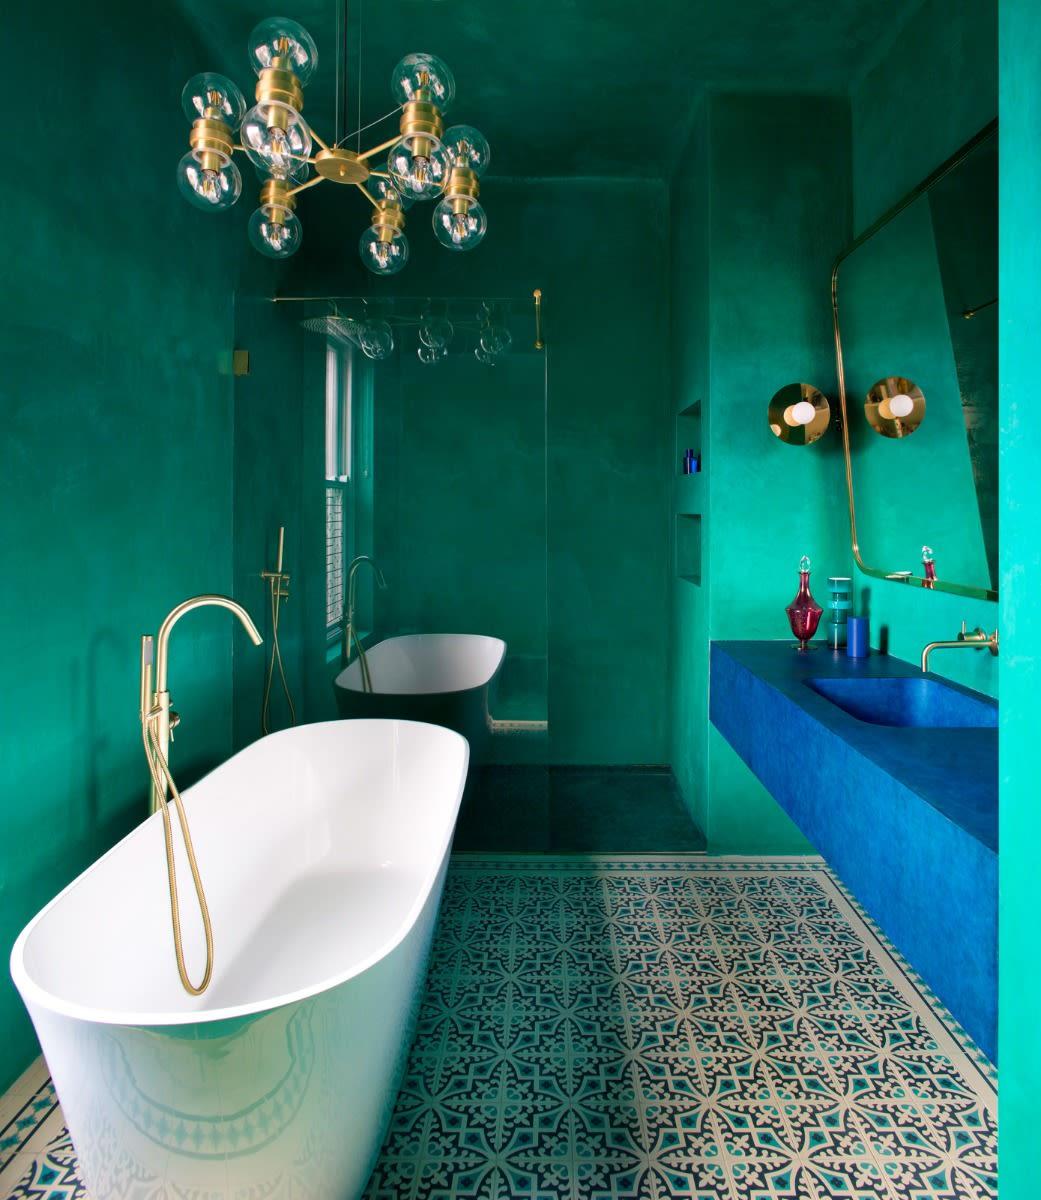 eske-chandelier-mullan-lighting-guide-to-bathroom-lighting